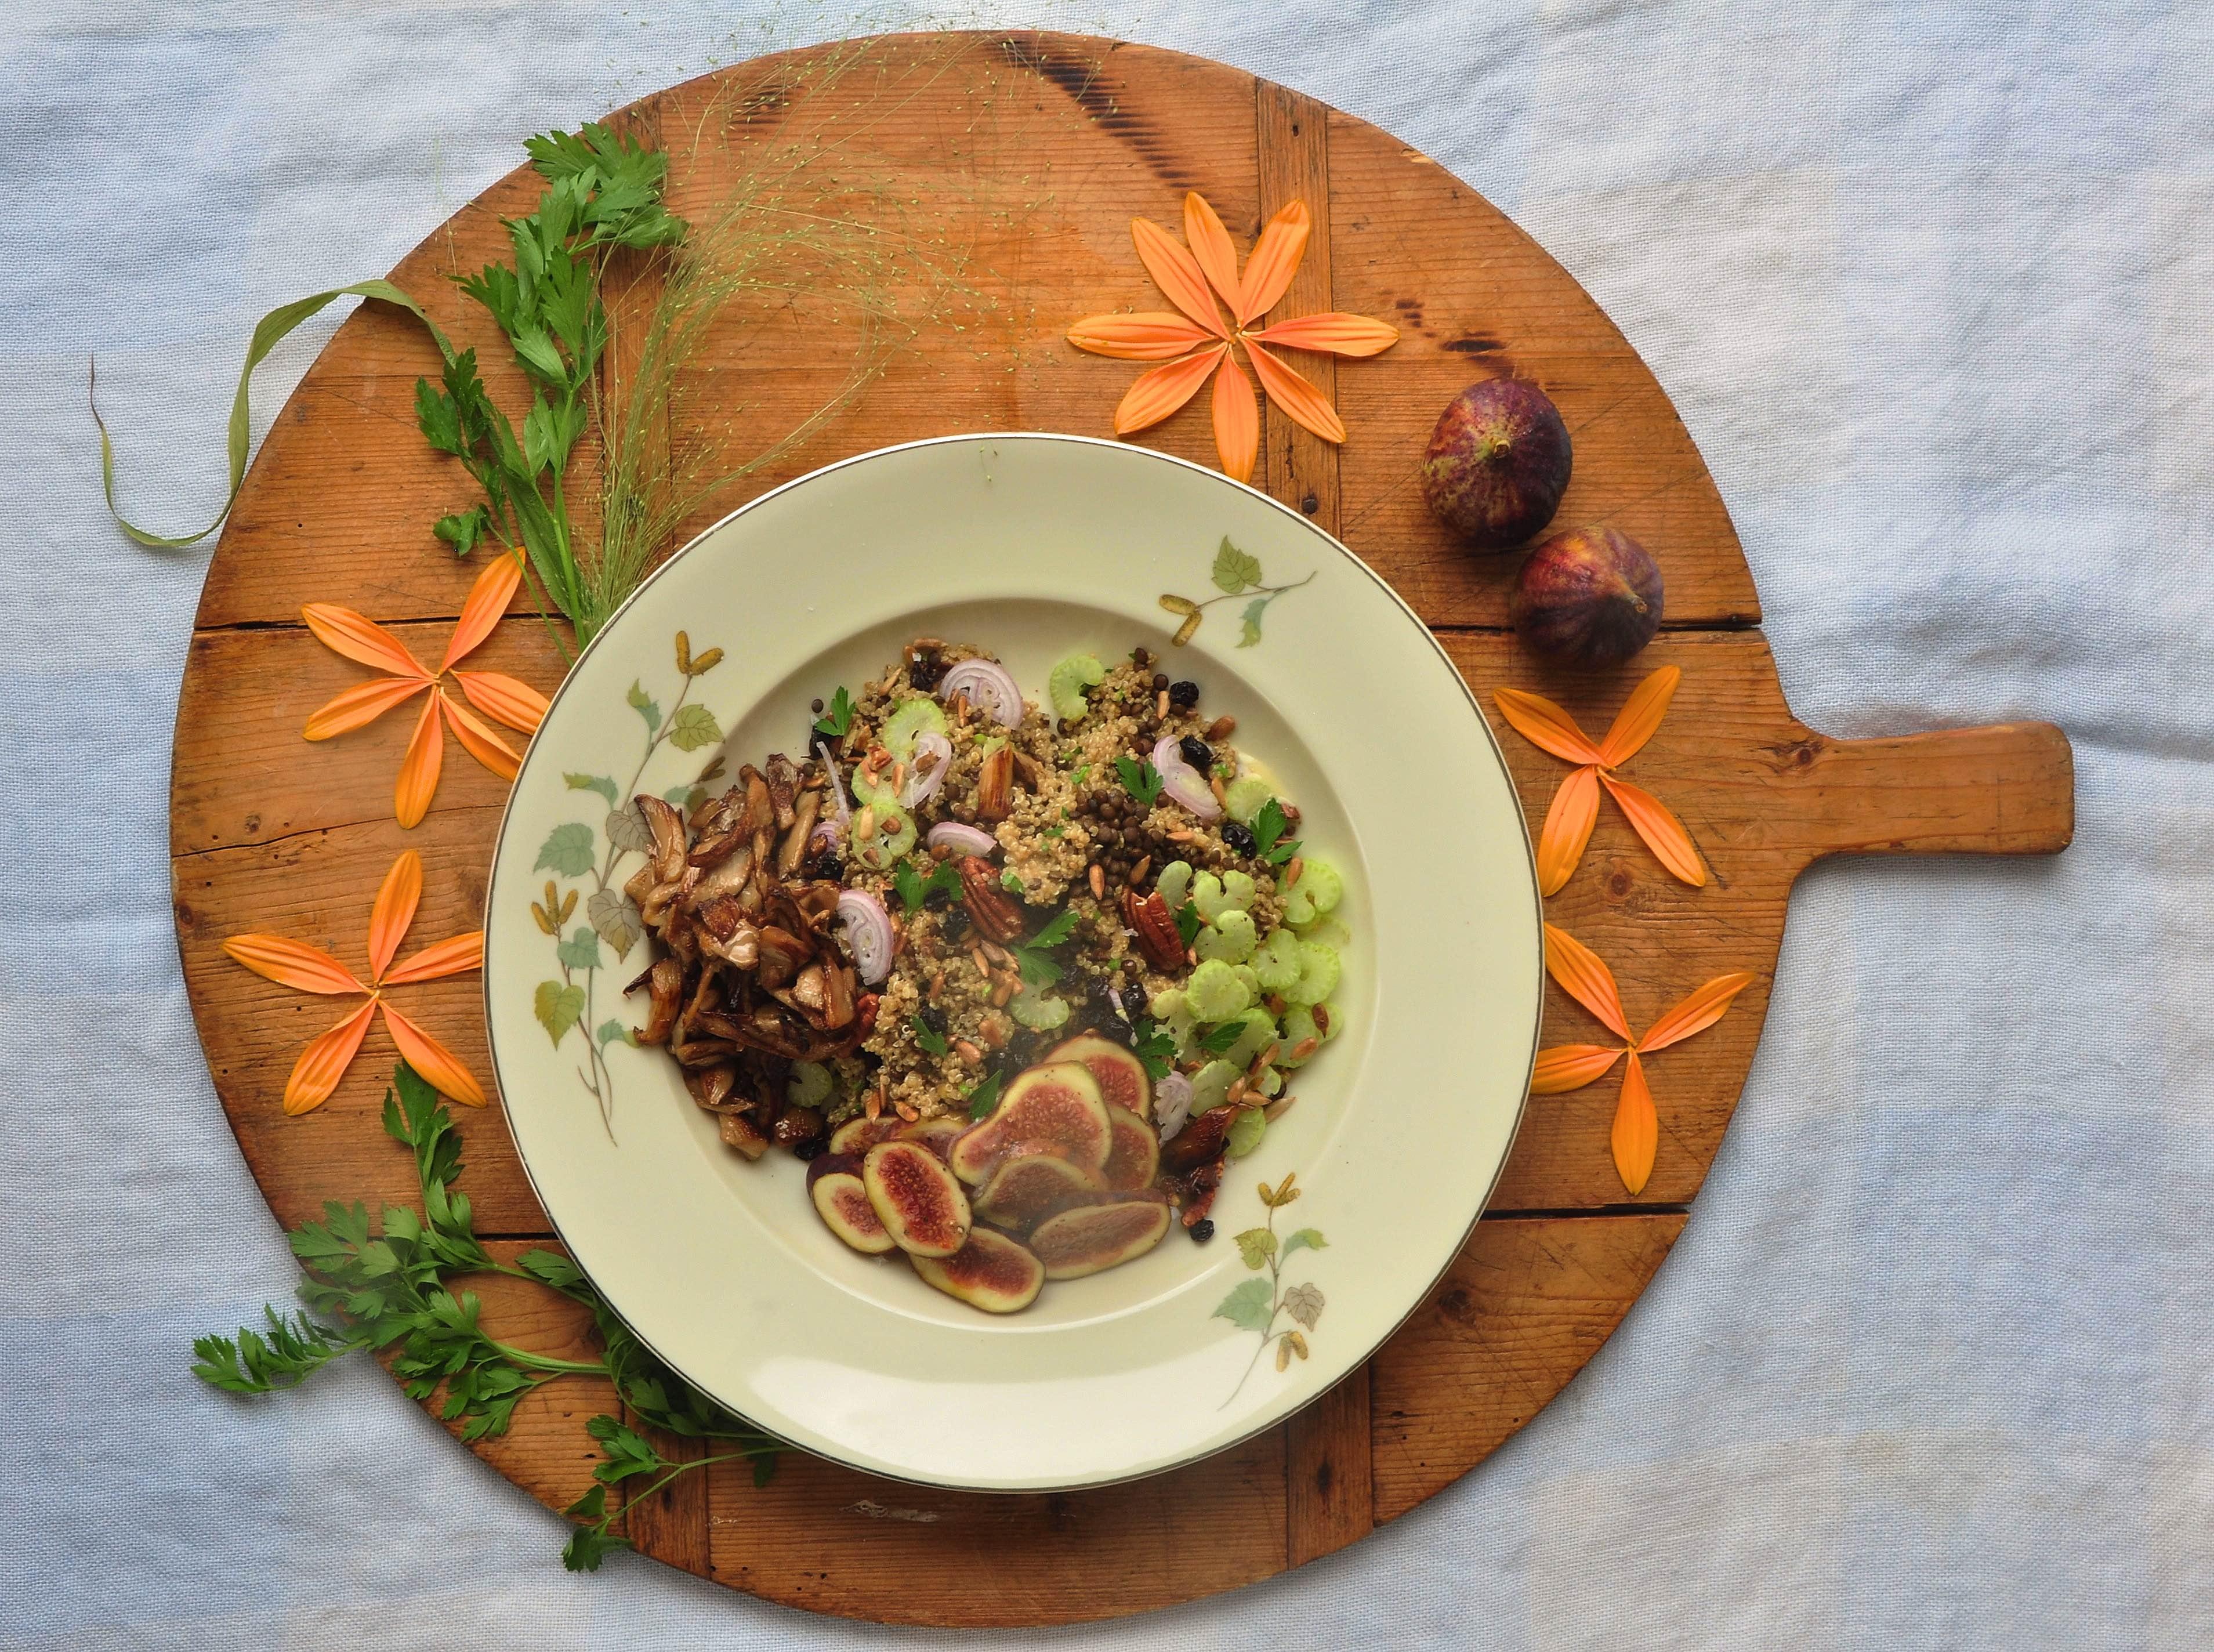 Salade_met_quinoa,_verse_vijgen_en_mosterddressing